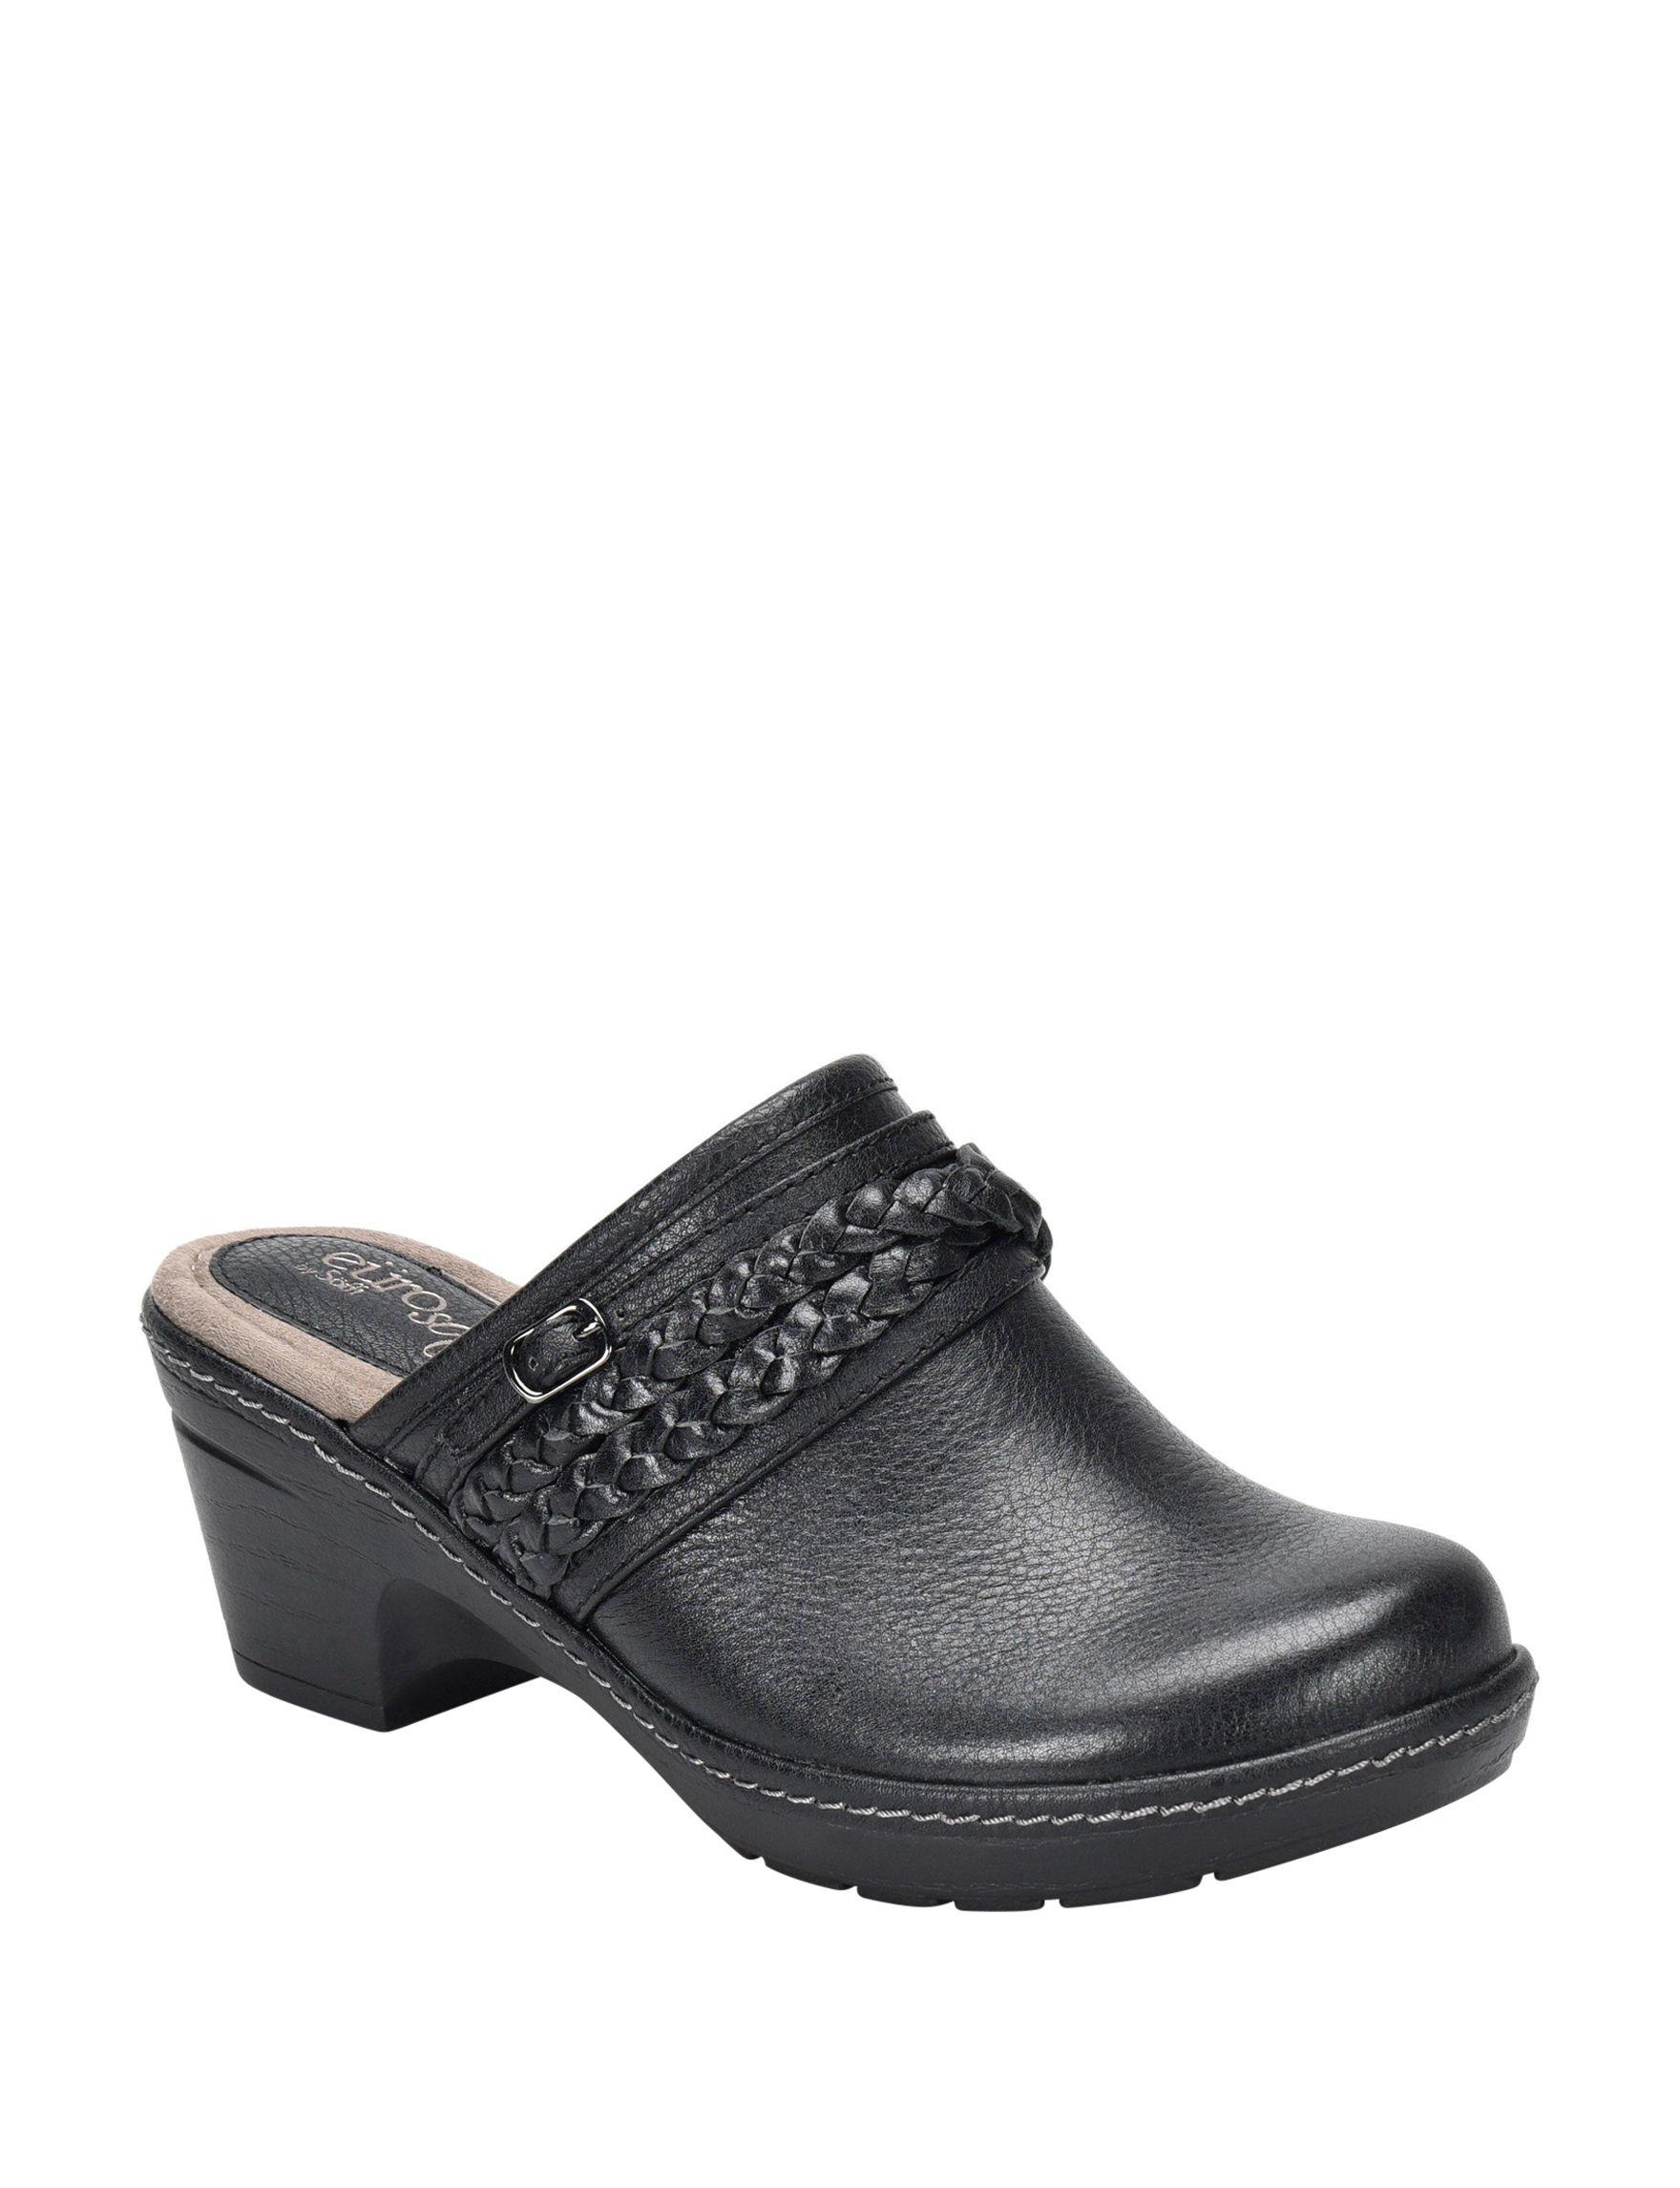 Eurosoft Black Clogs